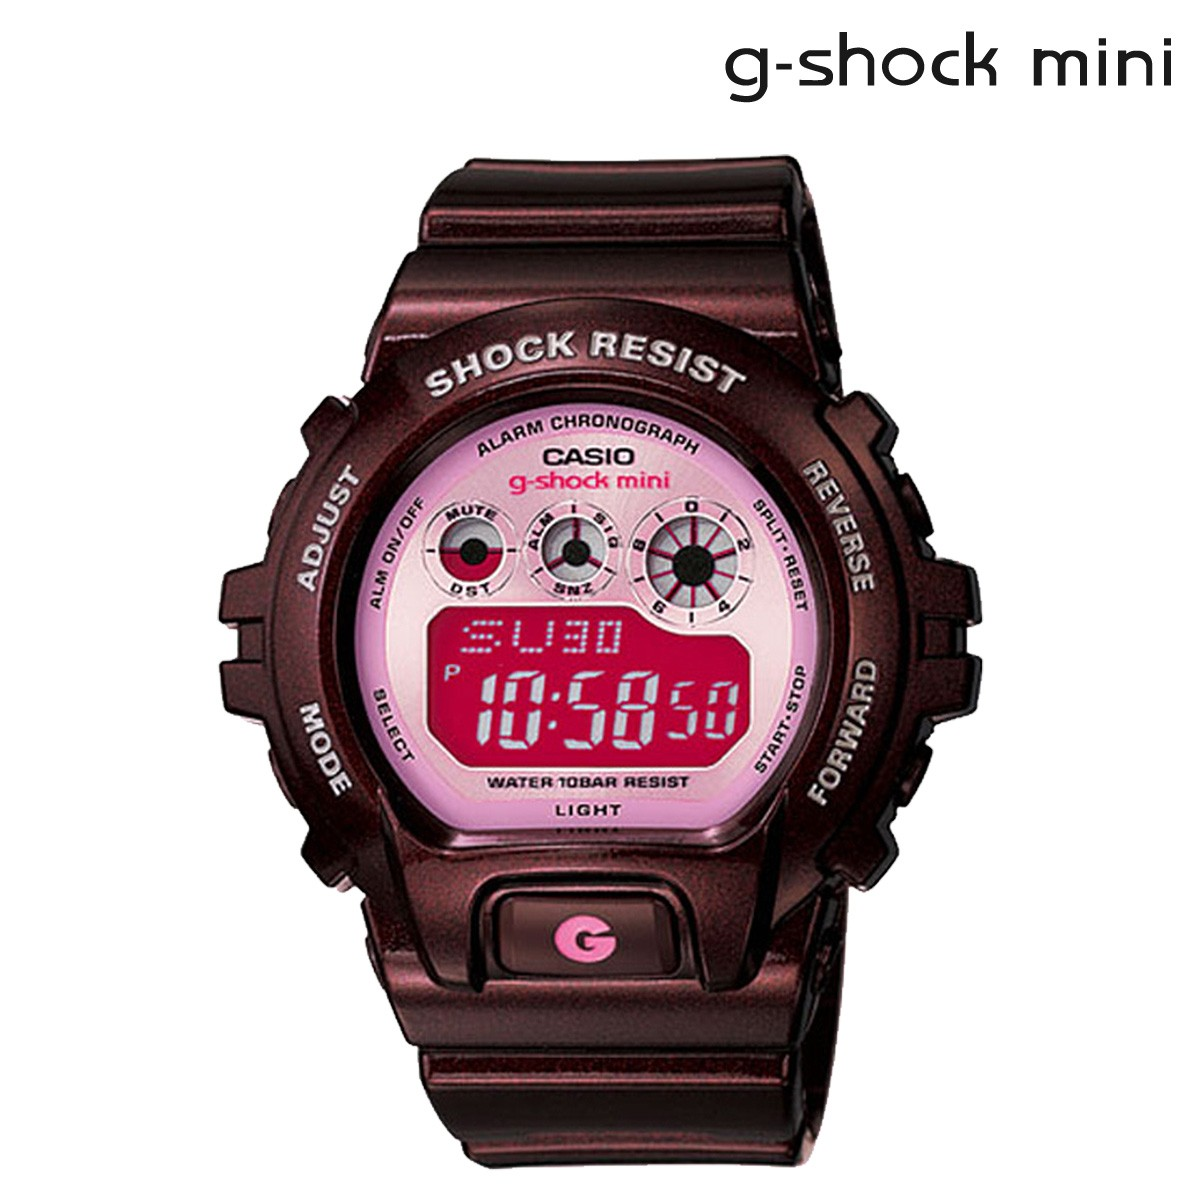 カシオ CASIO g-shock mini 腕時計 GMN-692-5JR ジーショック ミニ Gショック G-ショック レディース [3/15 再入荷]